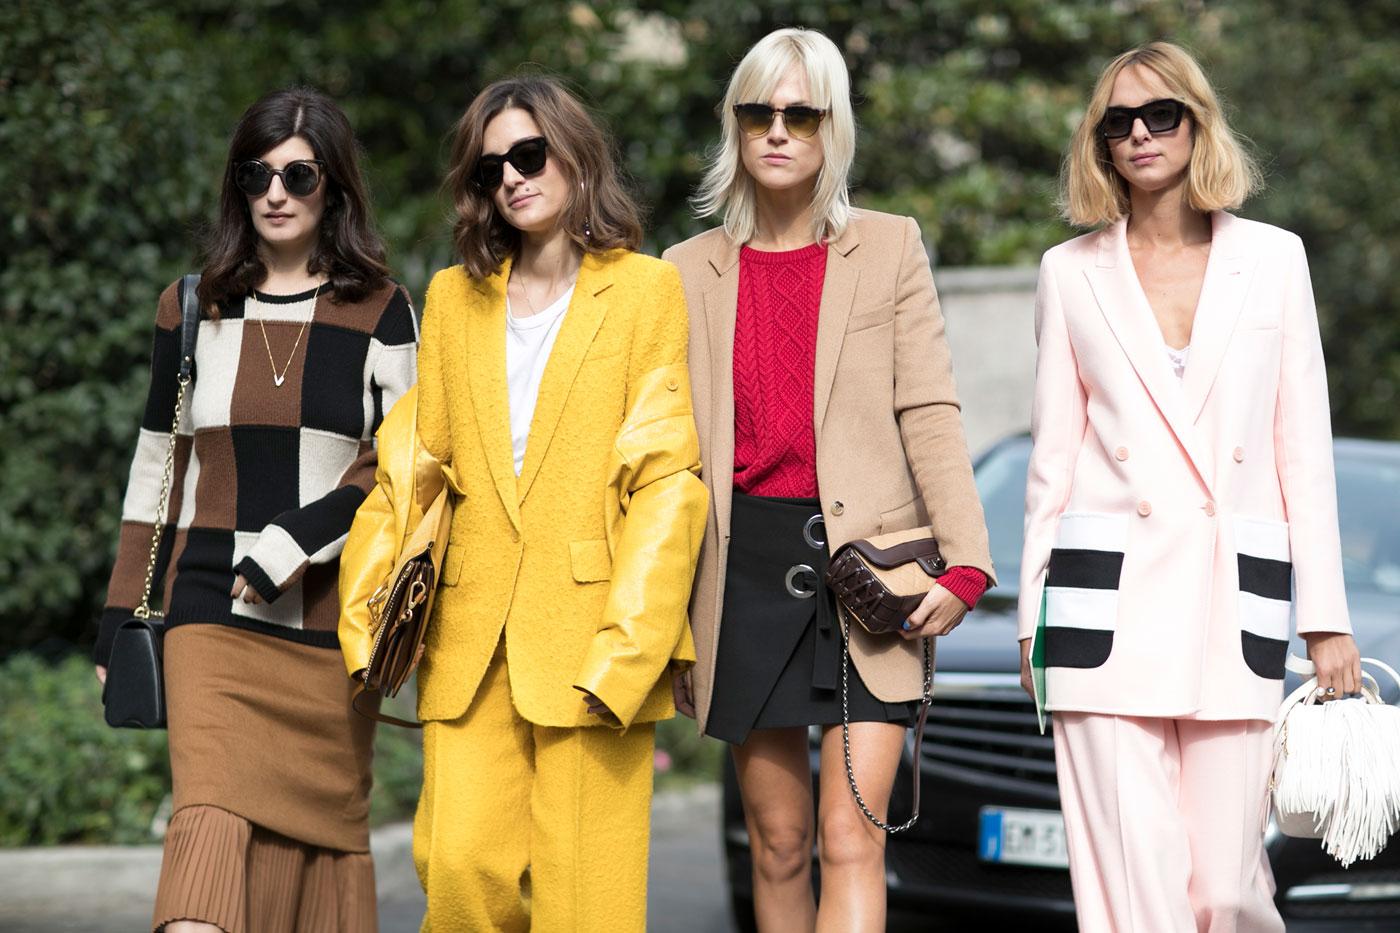 5e1126edb060 Snaps of Milan Fashion Week Street Style - Savoir Flair